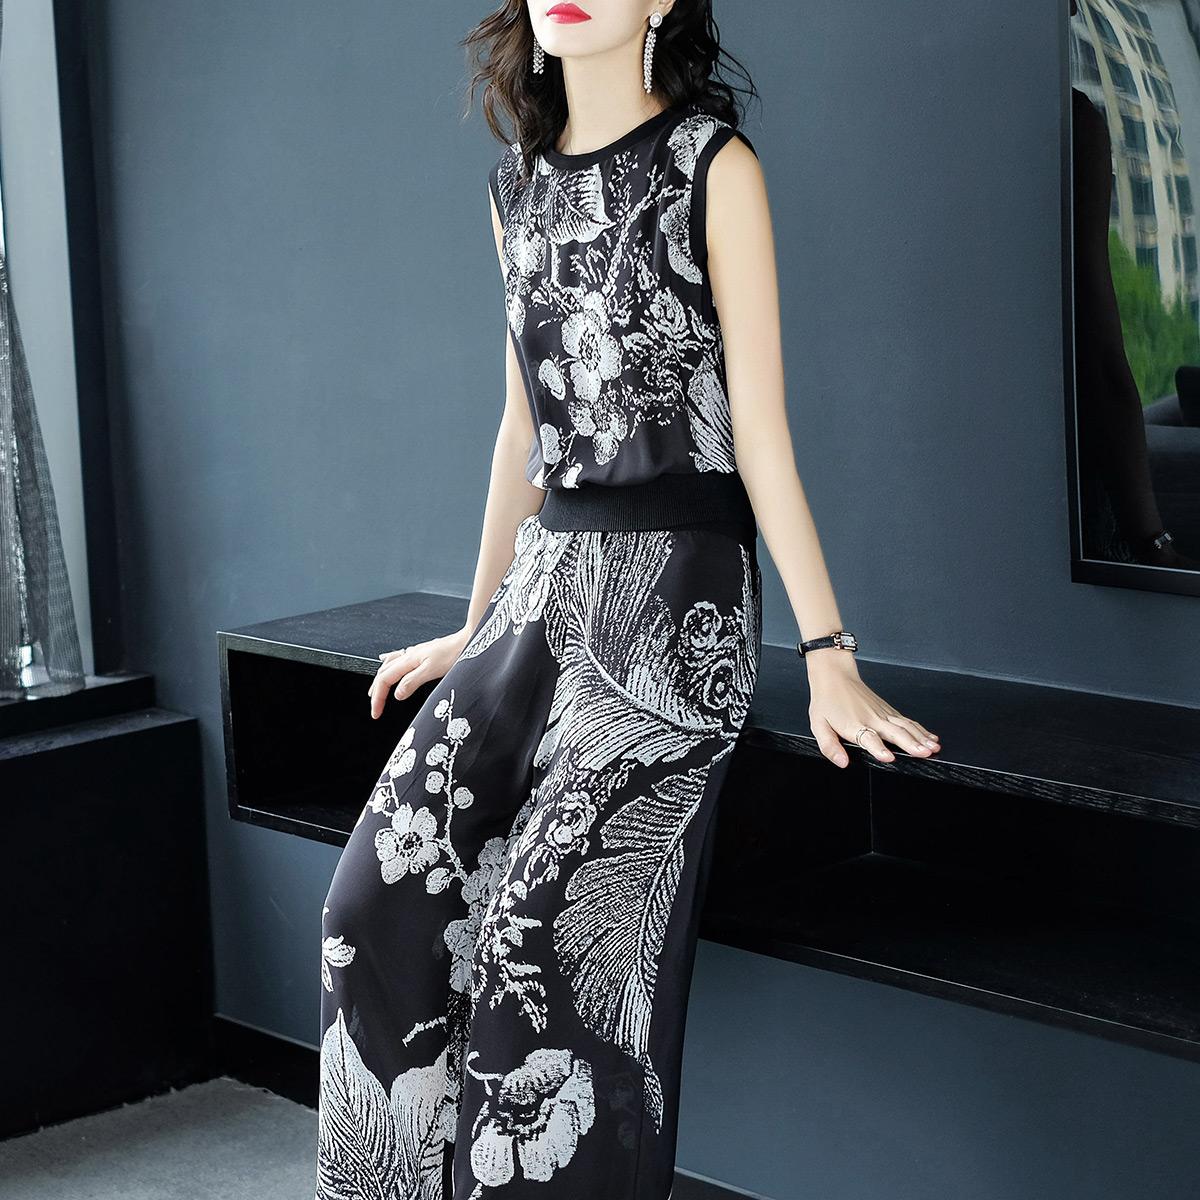 2018春夏新品真丝两件套无袖上衣印花休闲裤女装套装